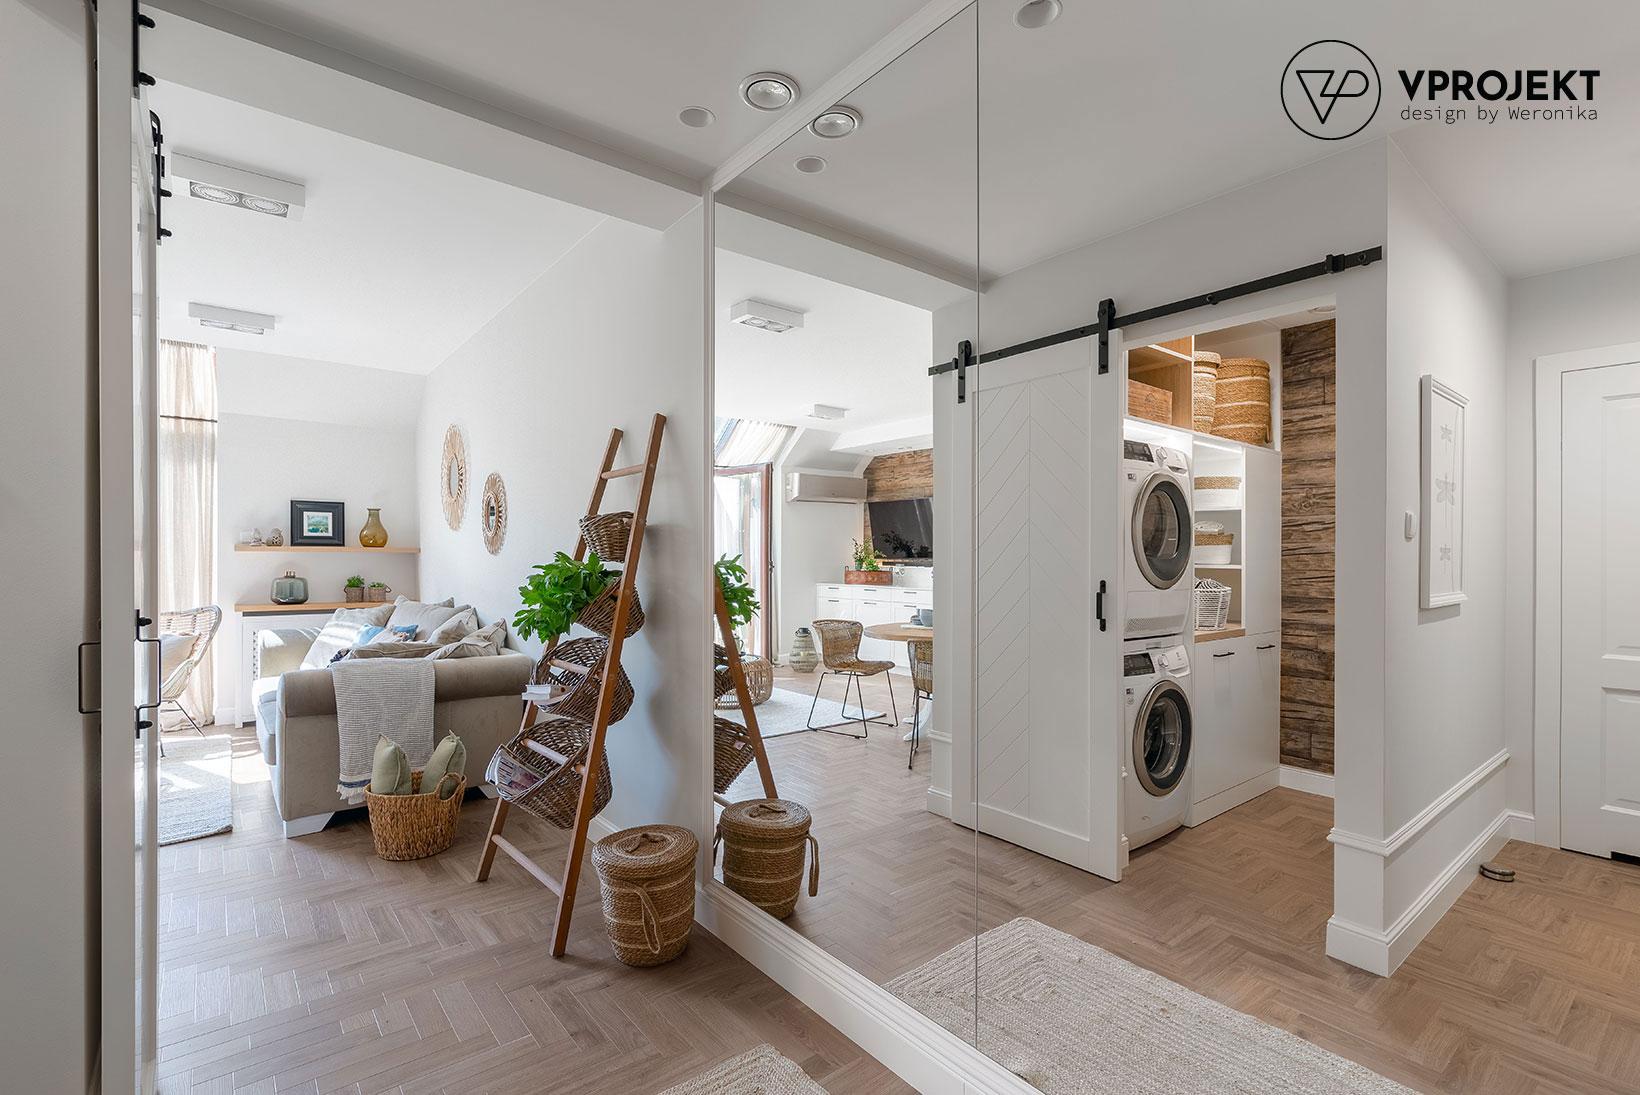 Korytarz, zabudowana szafa, pralnia